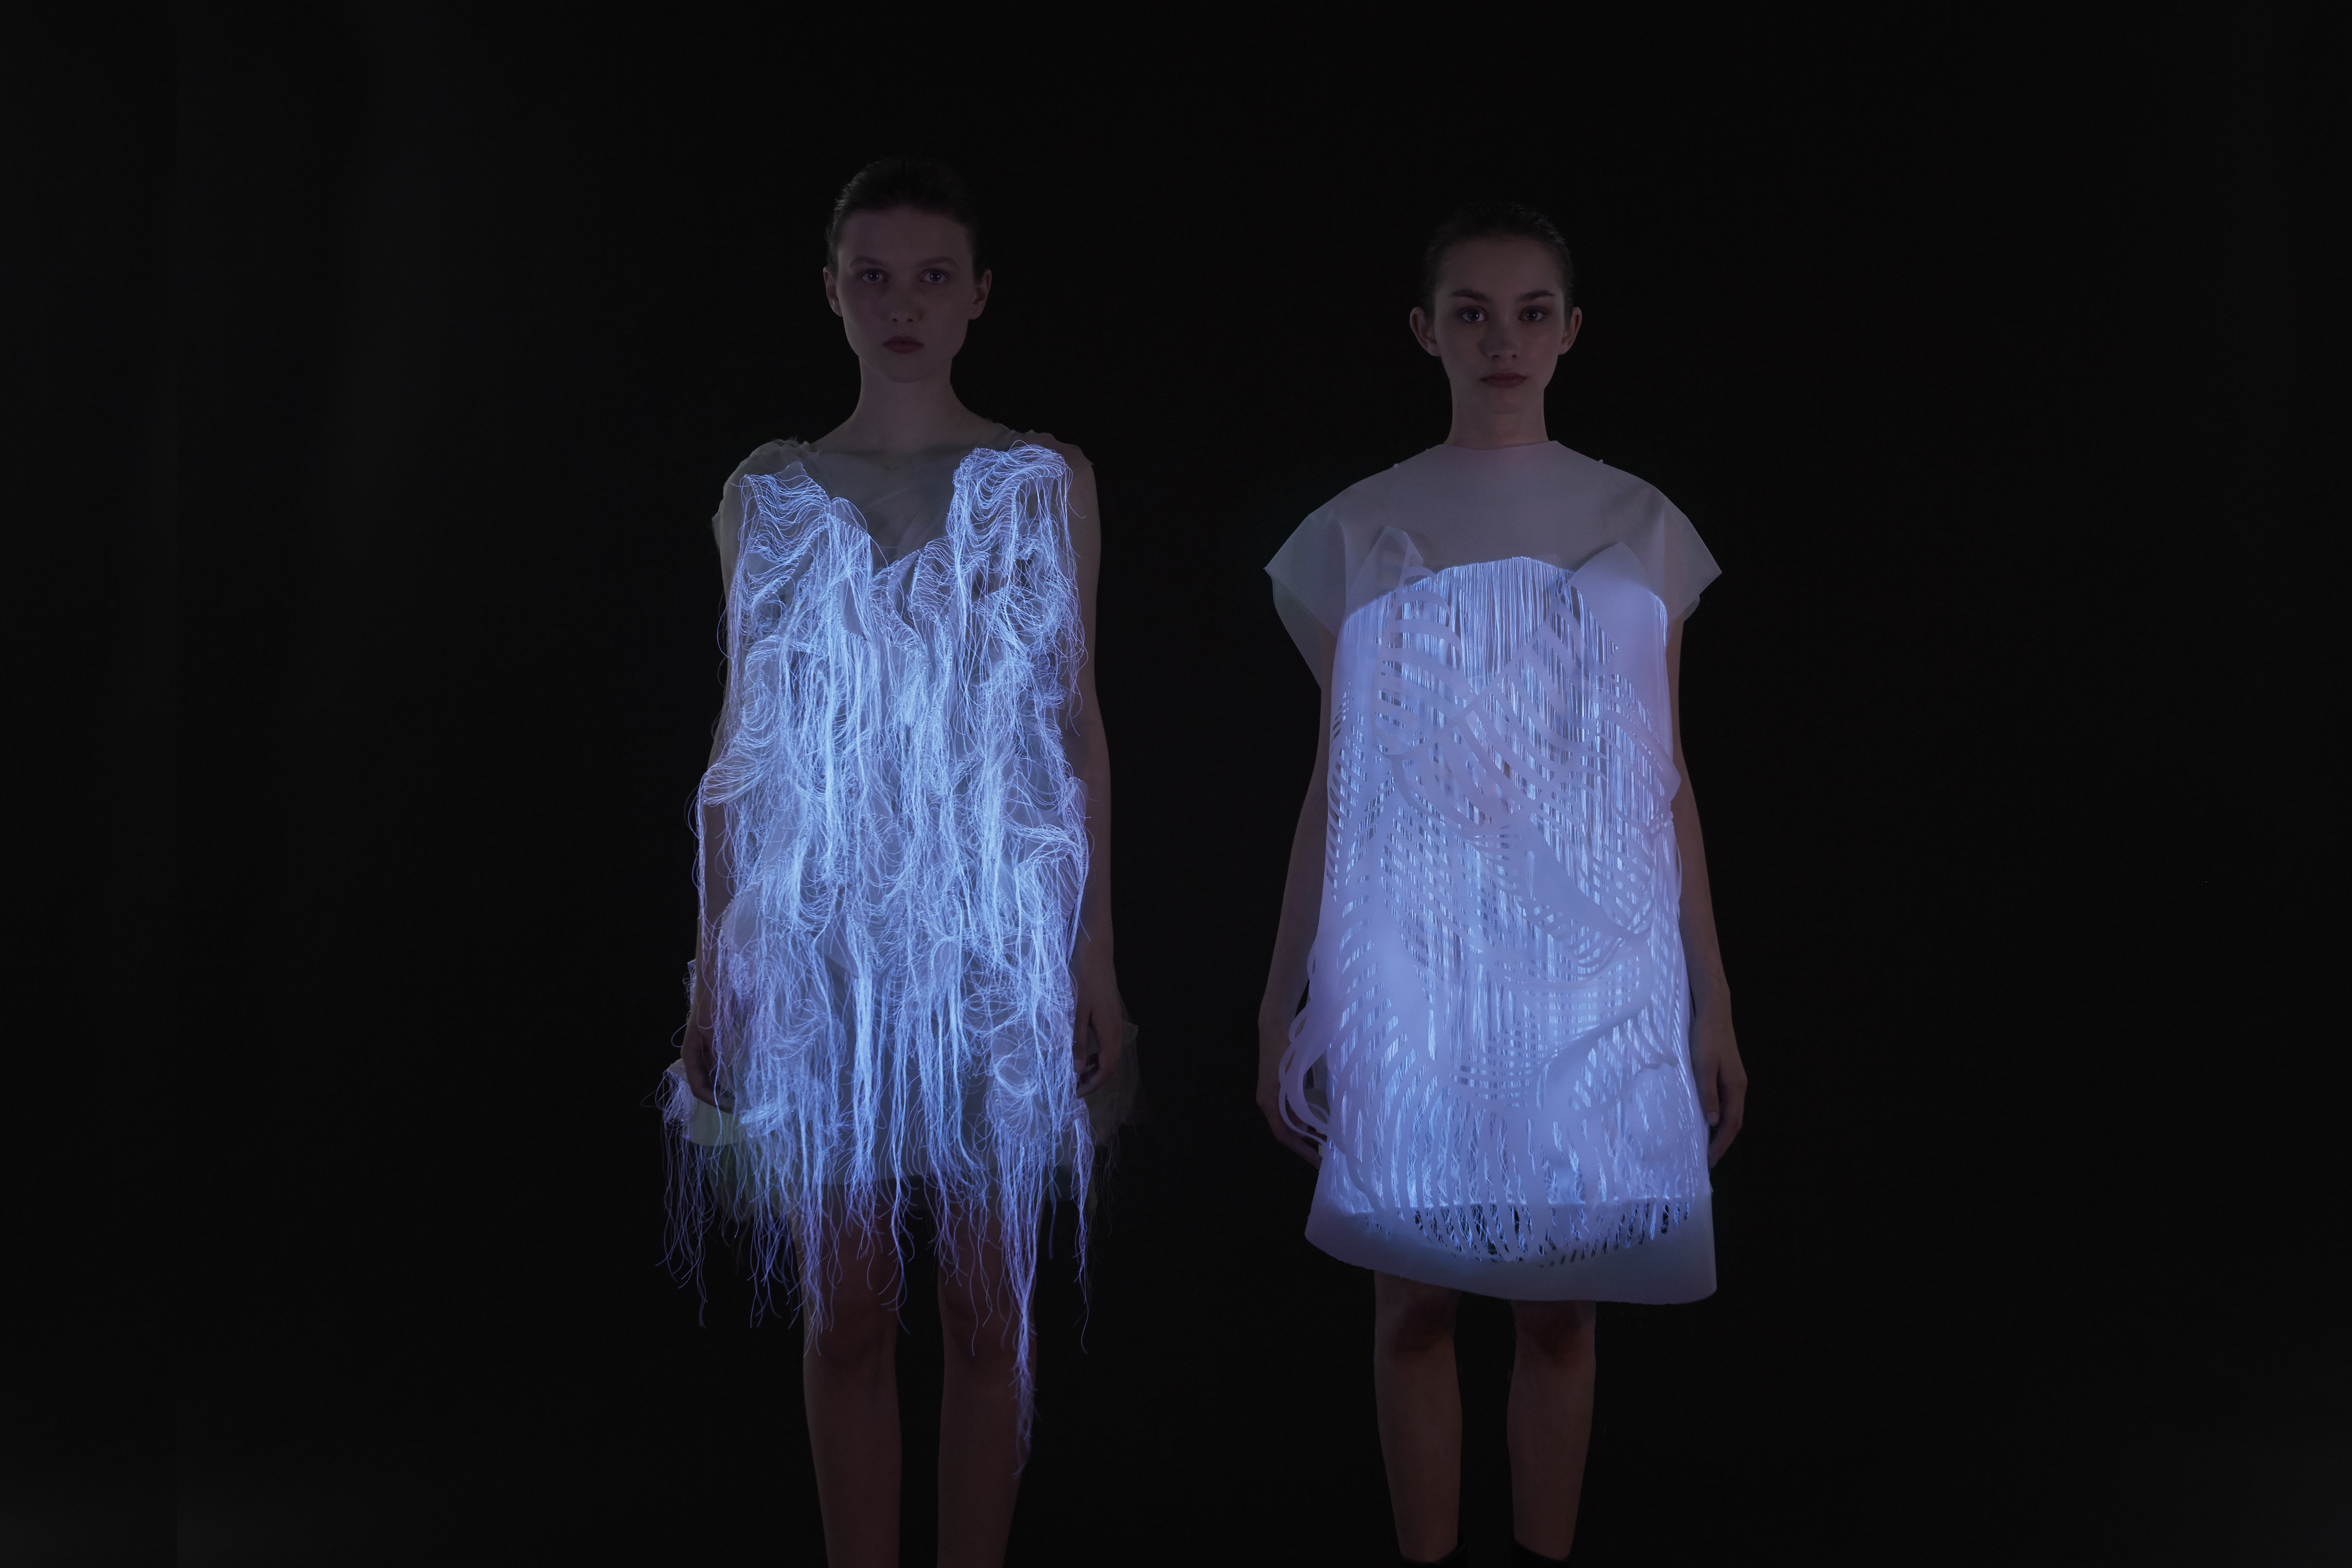 The future of fashion design